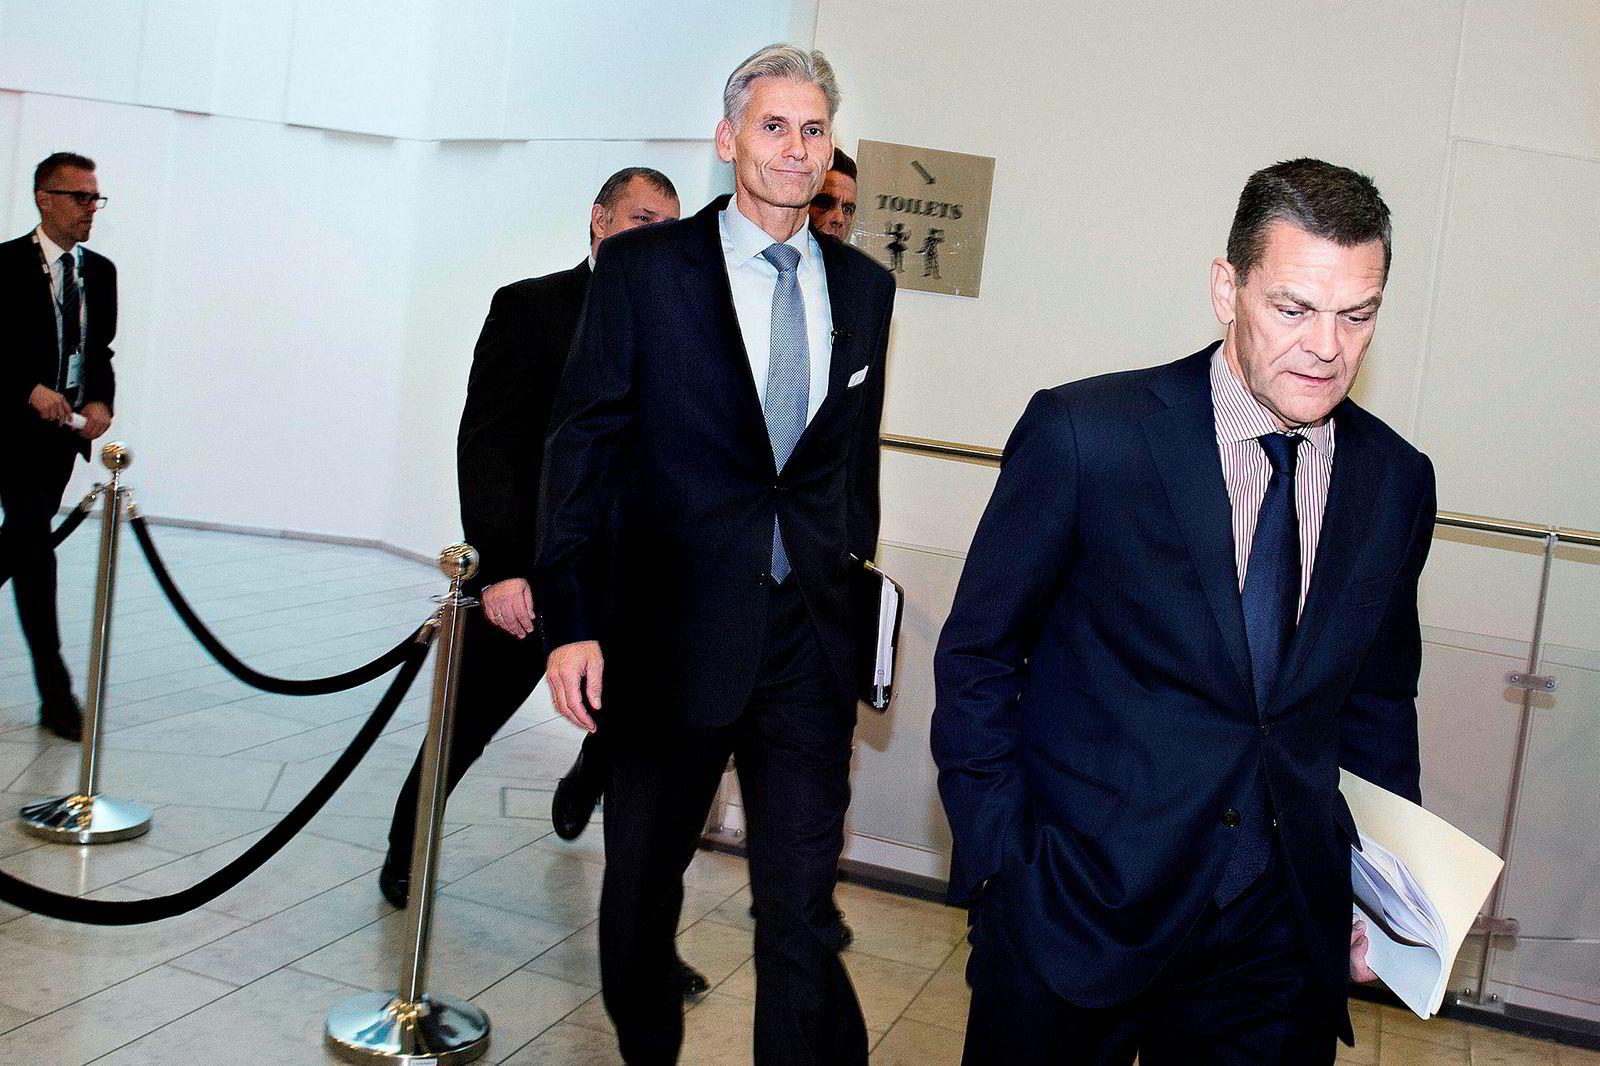 Thomas Borgen (i midten) var toppsjef i banken, men gikk av på dagen i oktober 2018 da skandalen ble kjent. Her fra en pressekonferanse i forbindelse med saken.